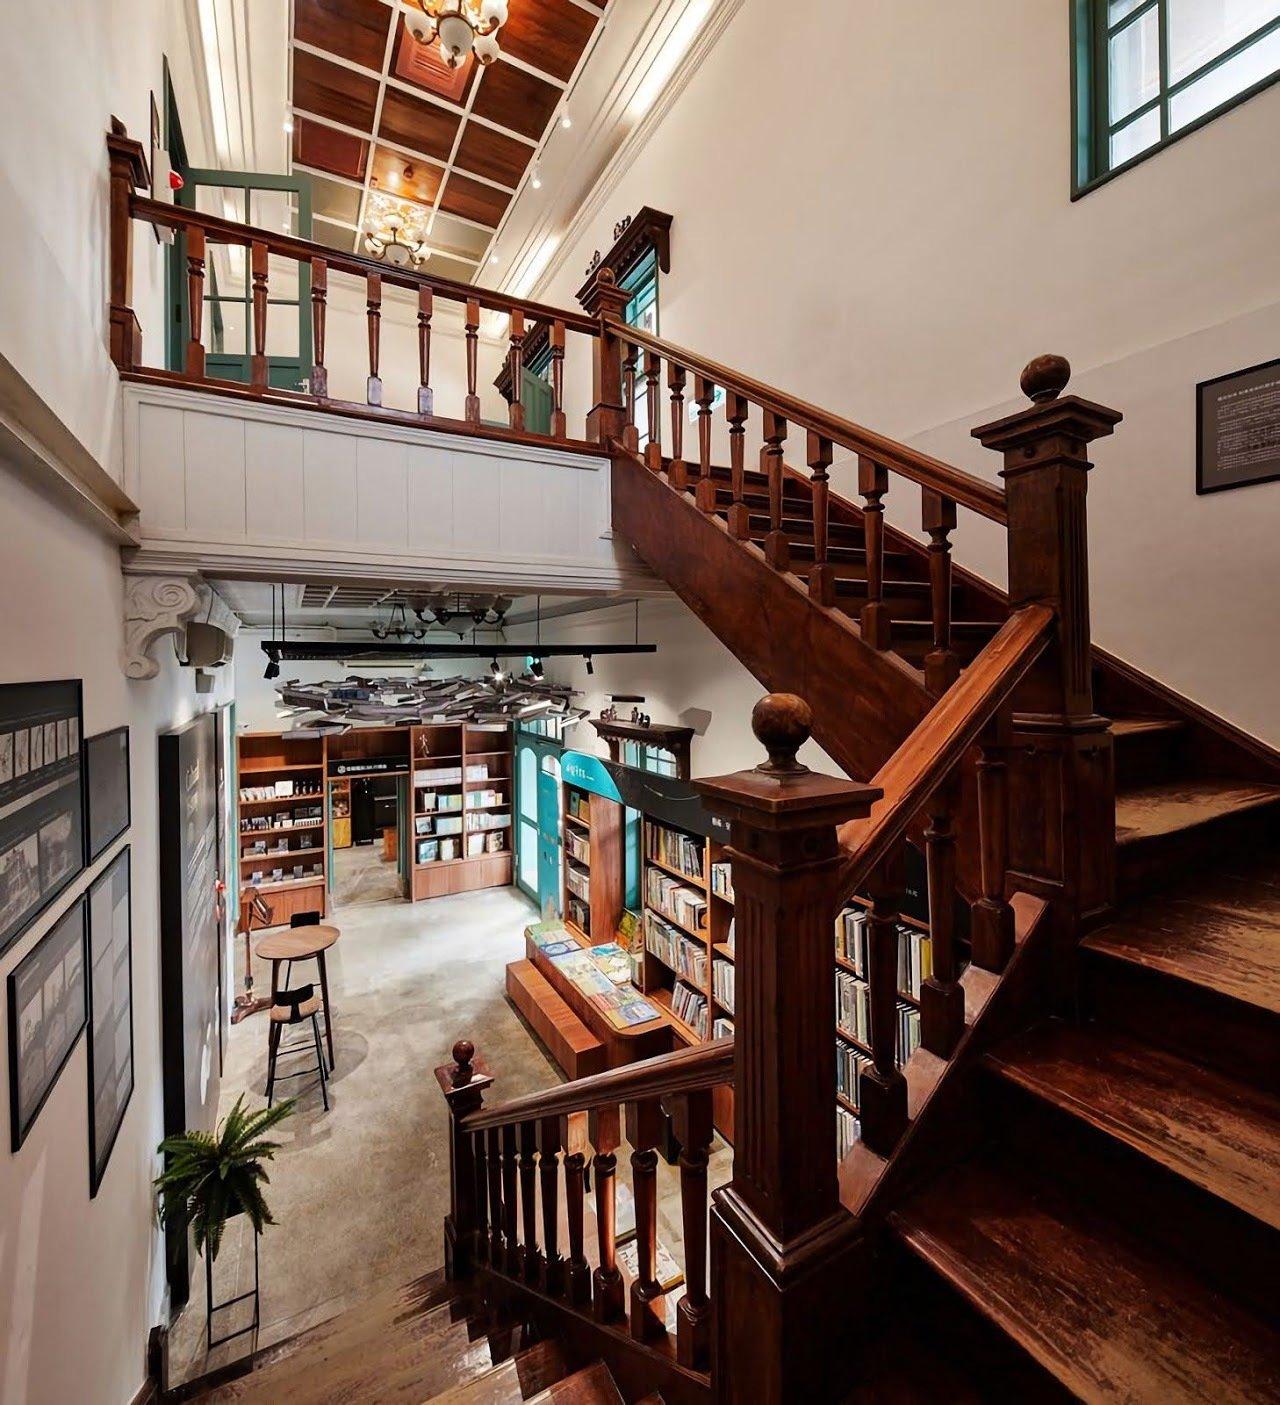 古蹟建物不僅只存留過去的歷史跟記憶,希望能夠真正與現代生活連結。 圖/樂活台南